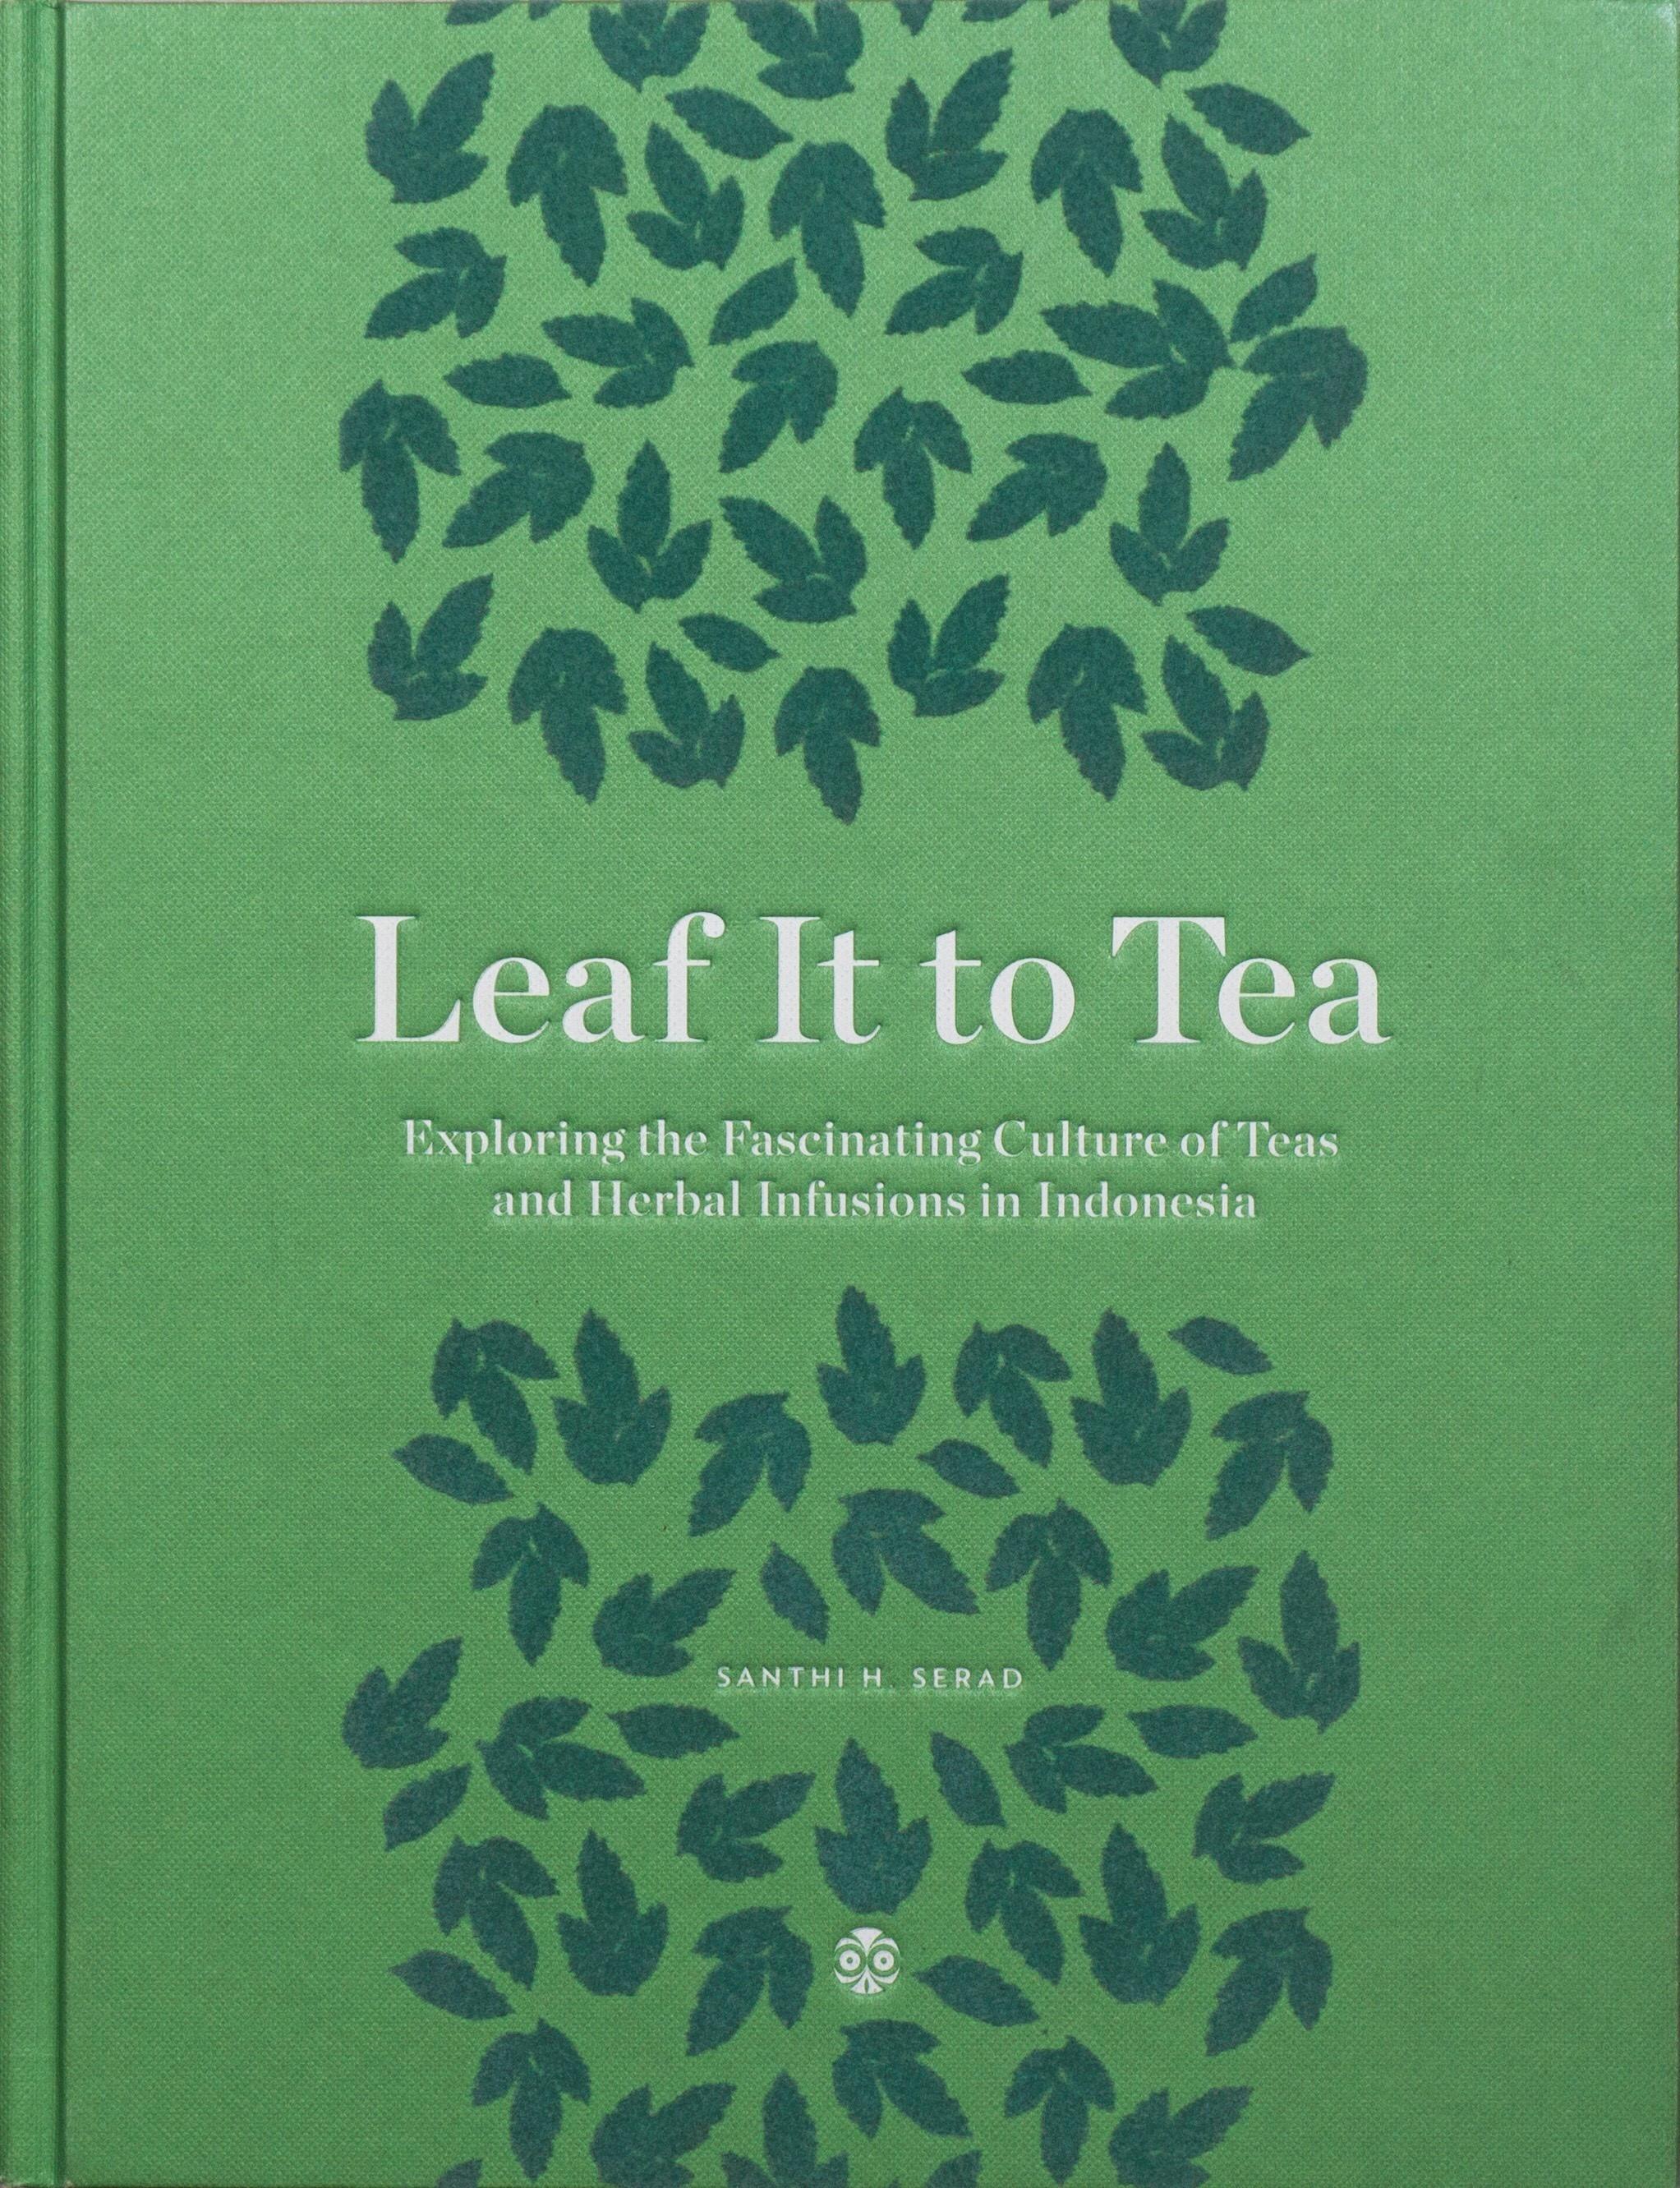 leaf it to tea.